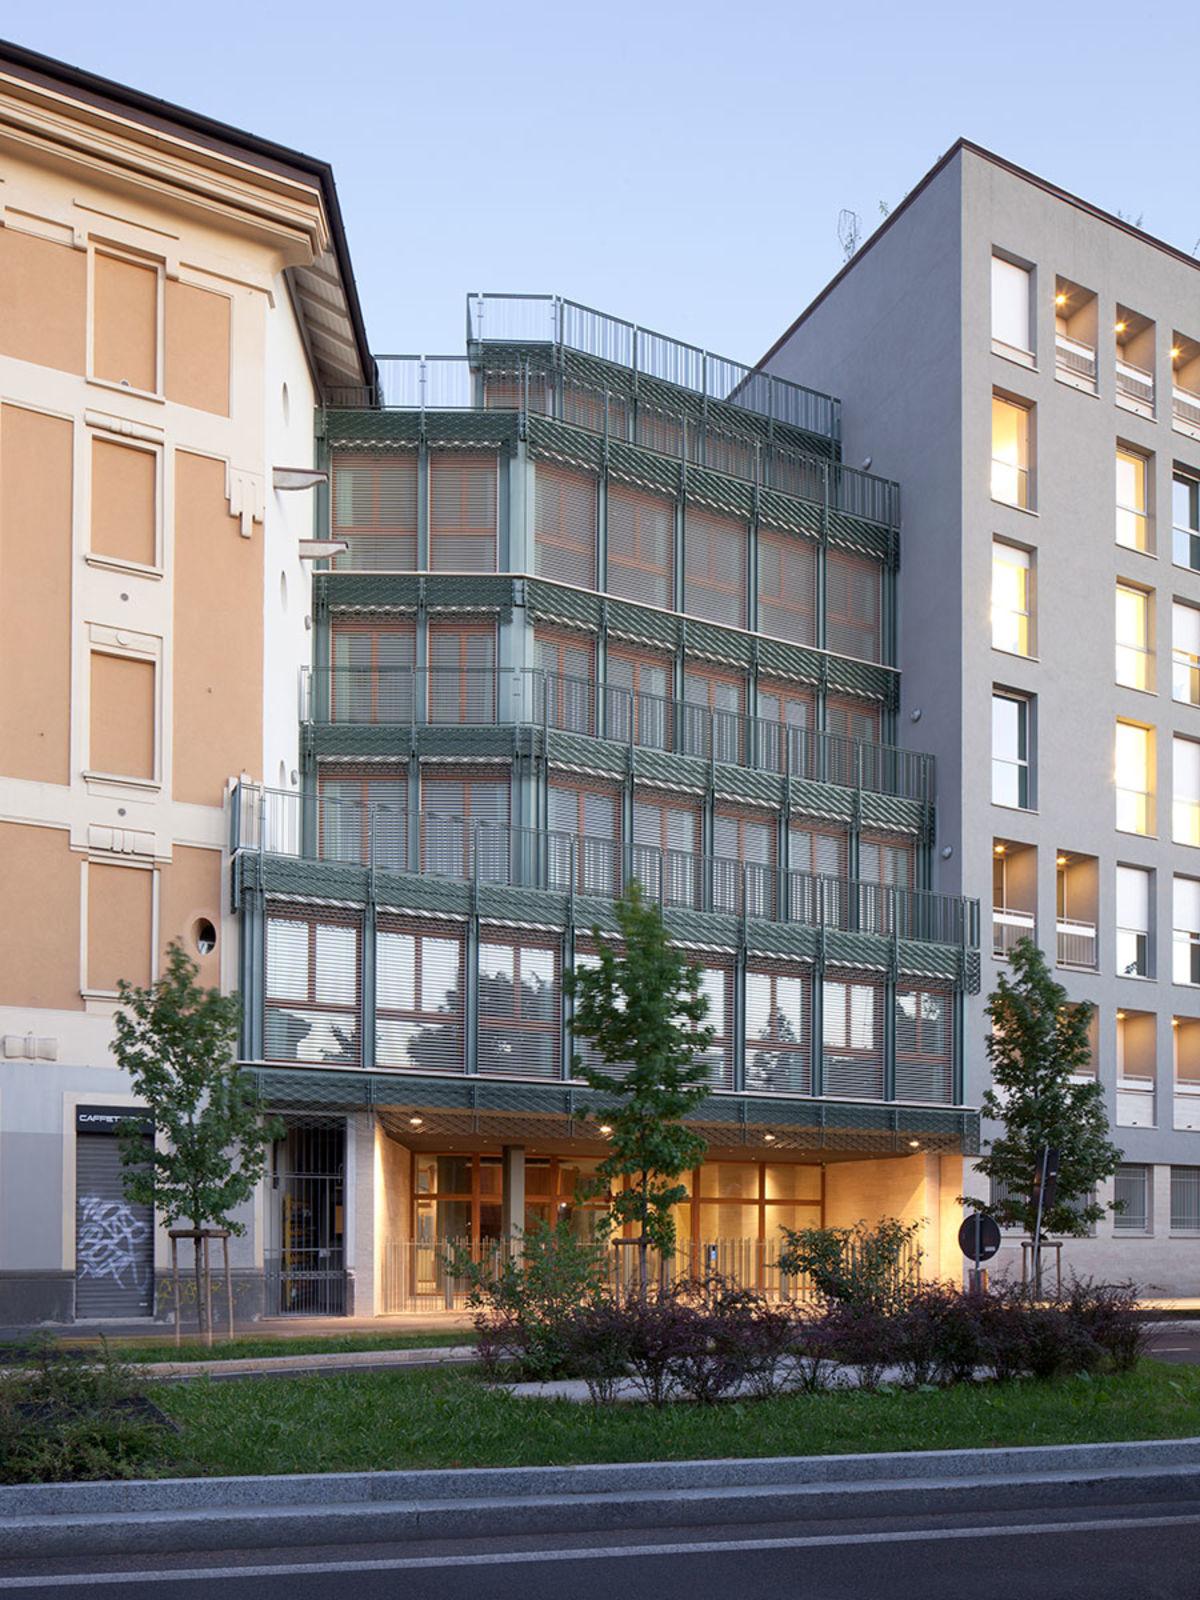 Colori In Luce Correggio giacomo polin, marco dapino · complesso di tre edifici a